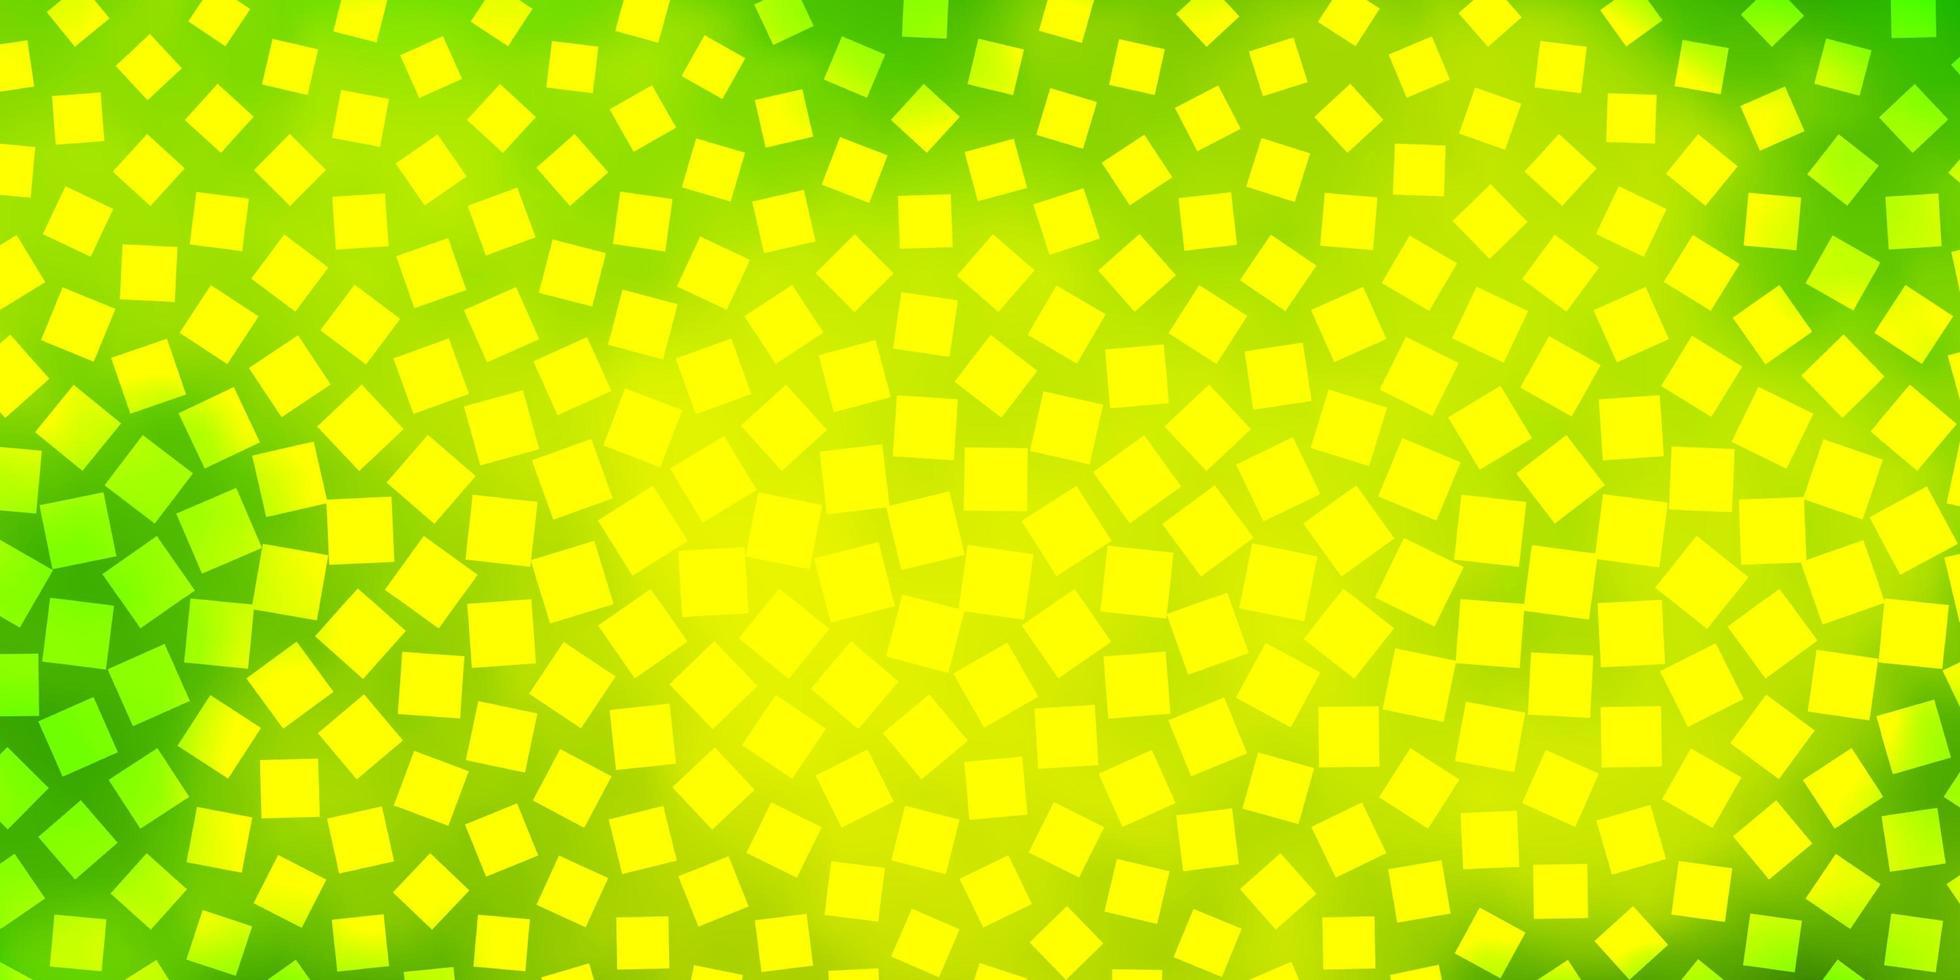 hellgrüner, gelber Vektorhintergrund im polygonalen Stil. vektor